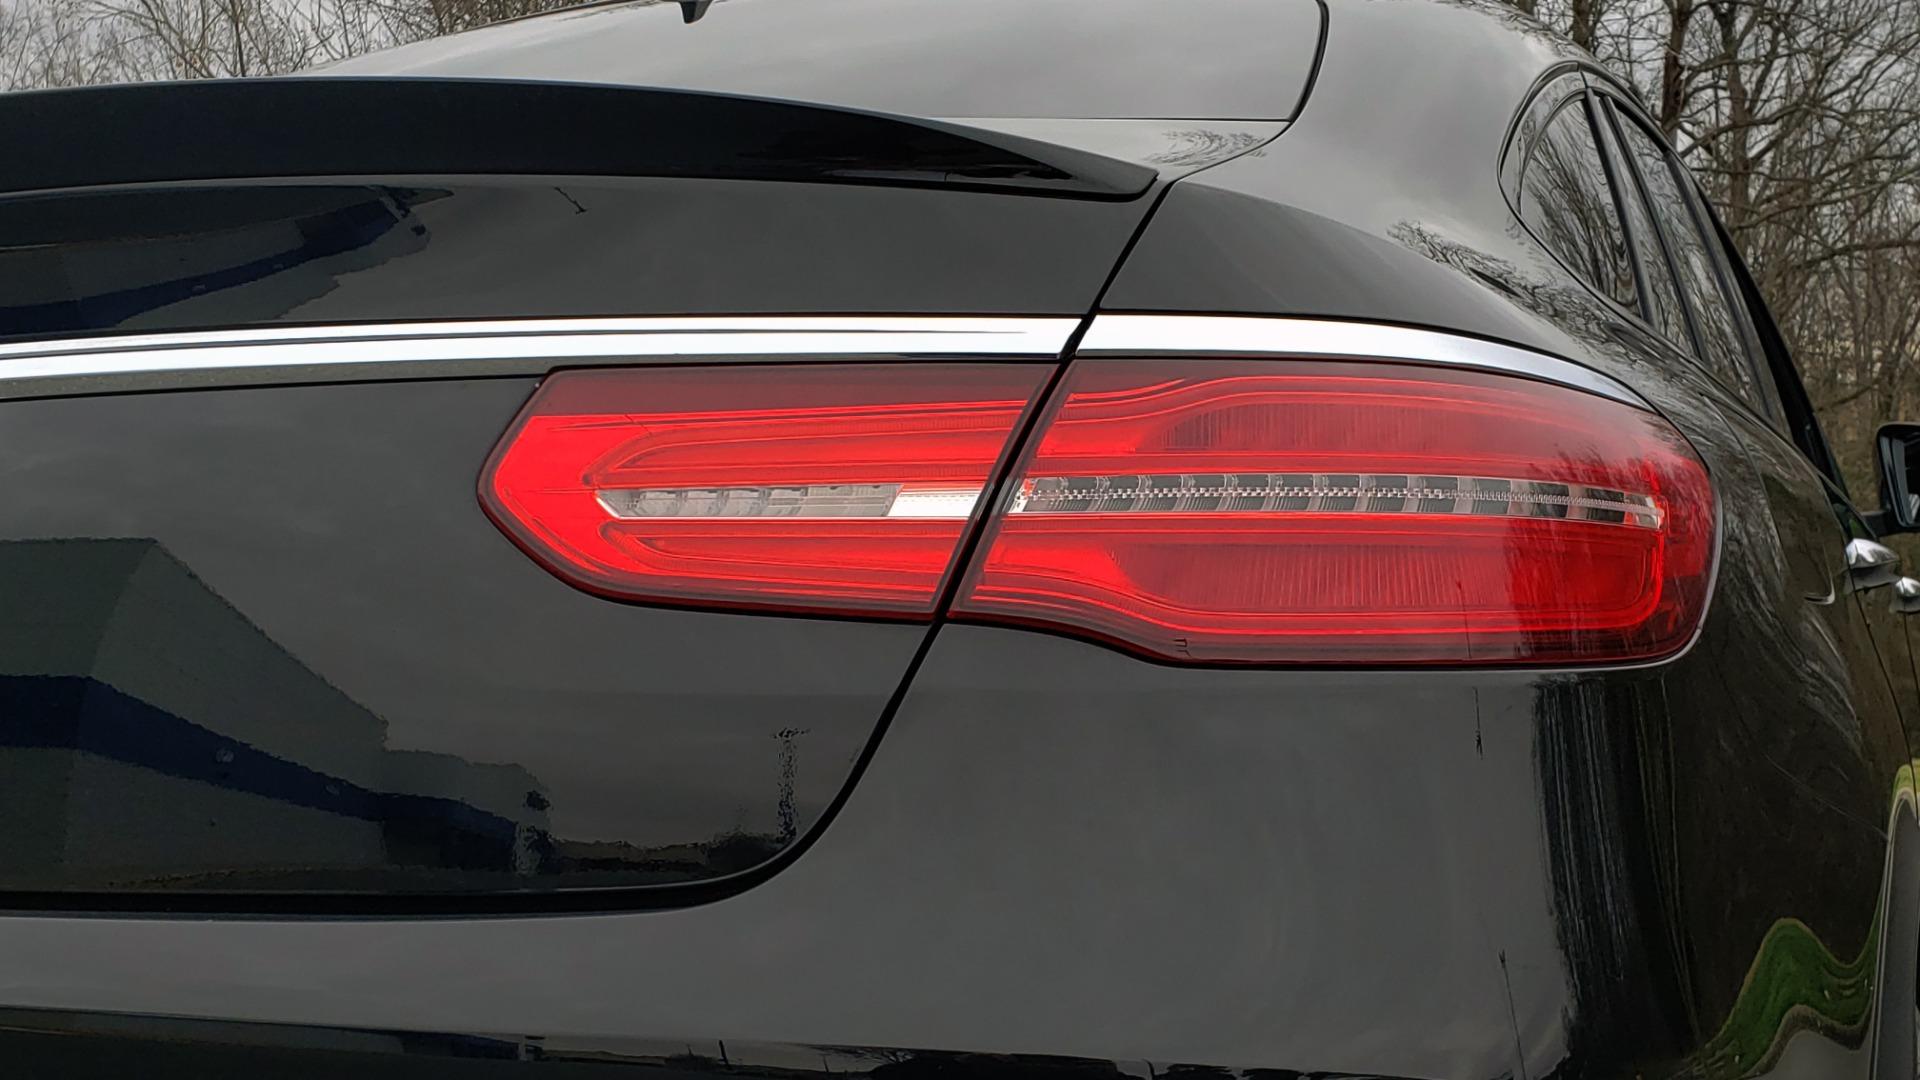 Used 2016 Mercedes-Benz GLE 450 AMG / AWD / PREM PKG / PARK ASST / DRVR ASST / SUNROOF for sale Sold at Formula Imports in Charlotte NC 28227 33